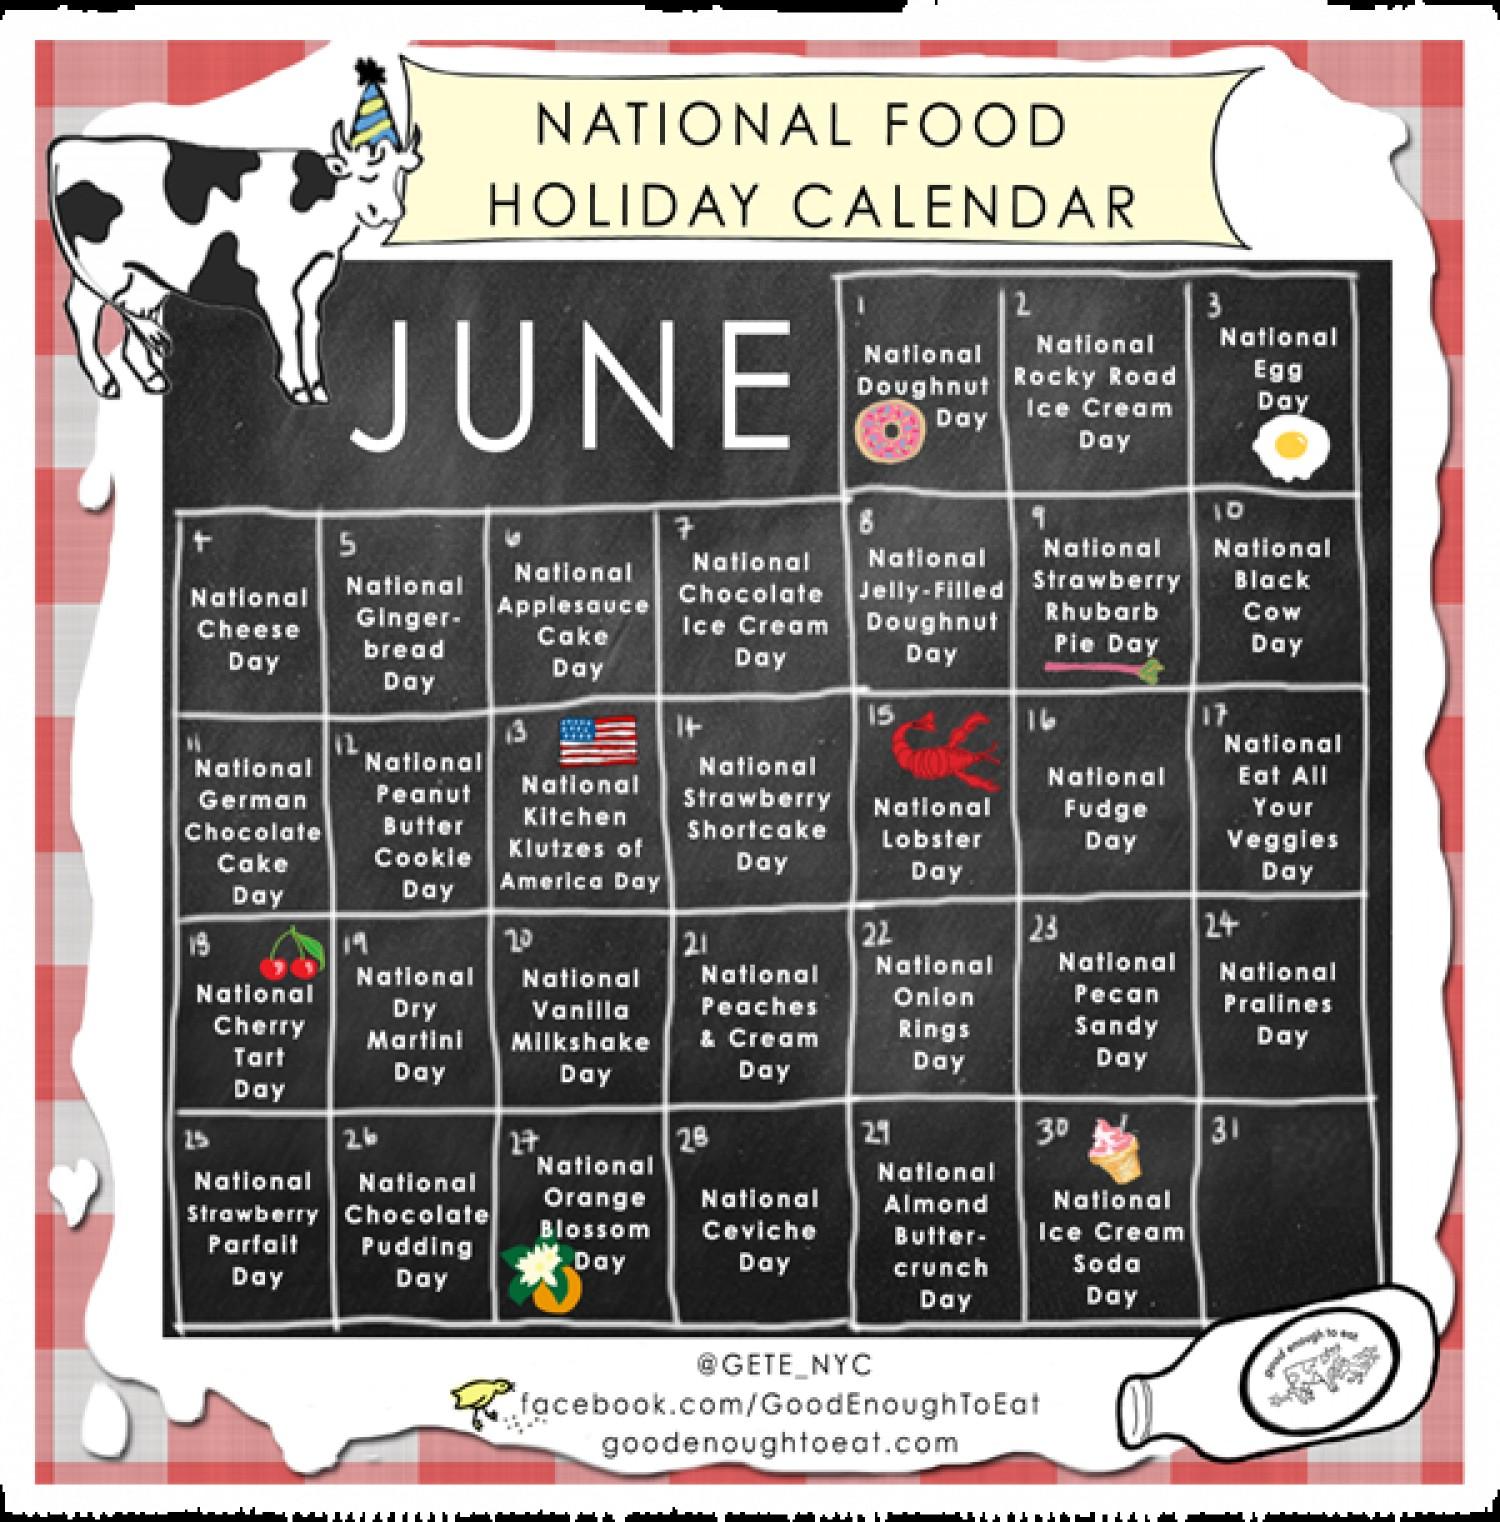 NATIONAL FOOD HOLIDAY CALENDAR JUNE 2013 | Visual.ly